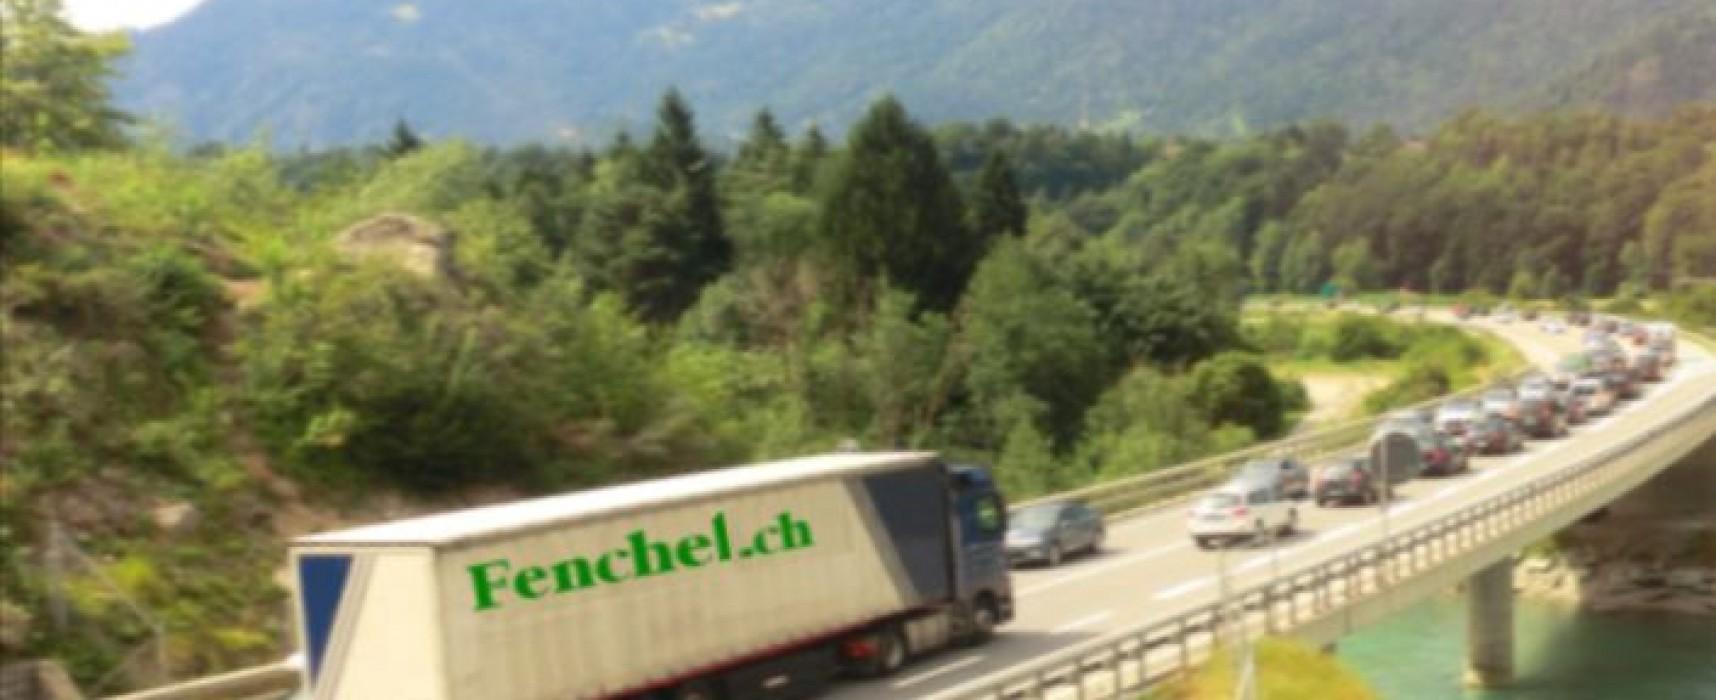 Bonaduz: Verkehrsumleitung A13 wegen Bauarbeiten